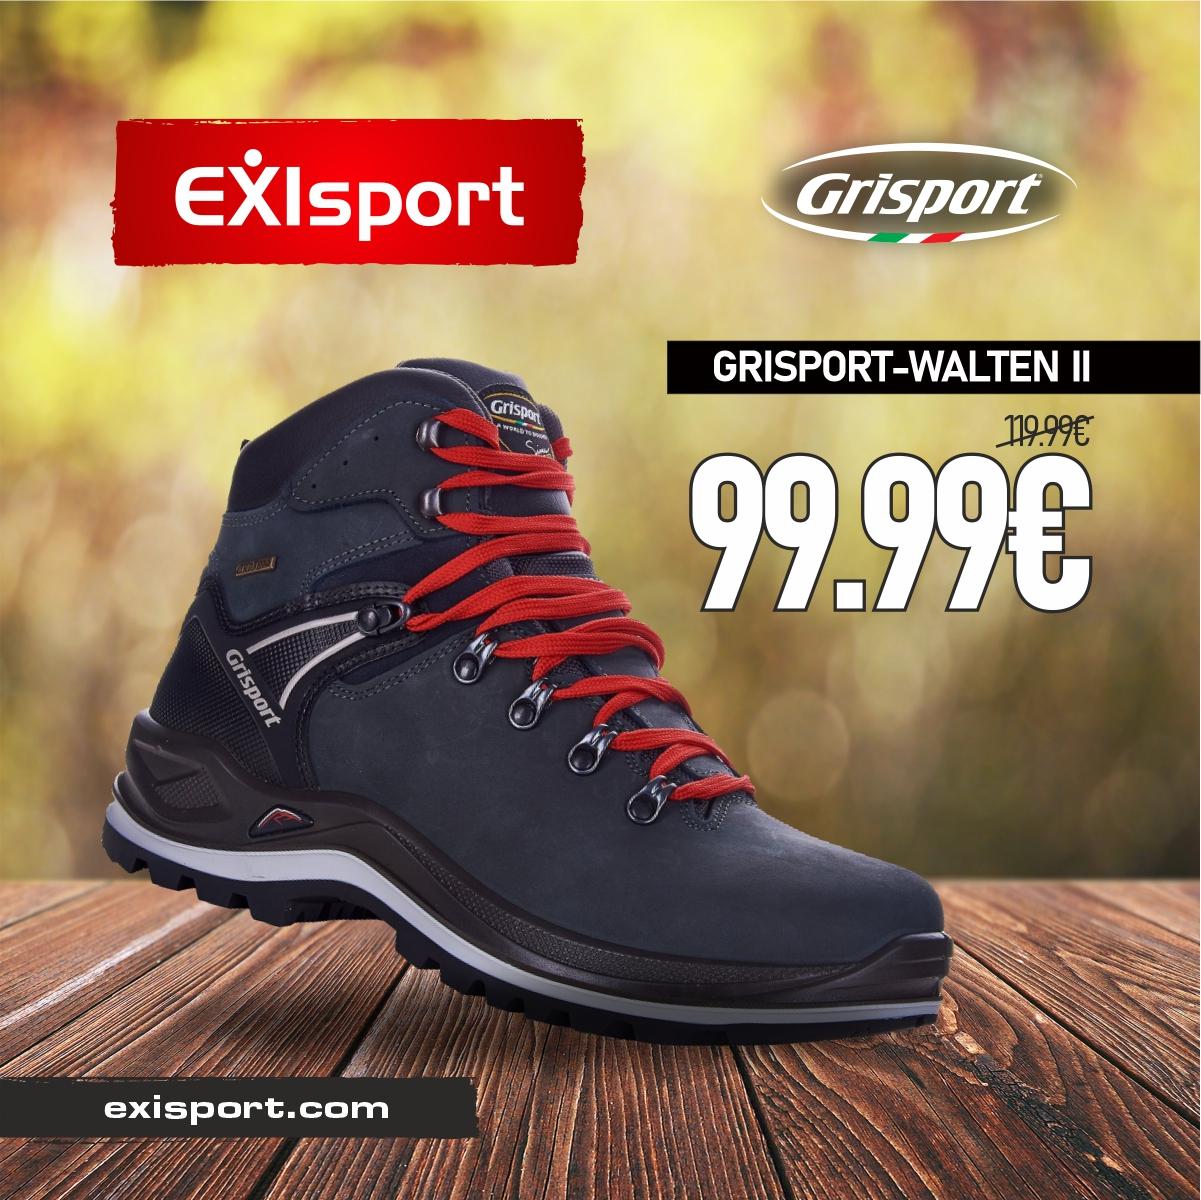 EXIsport